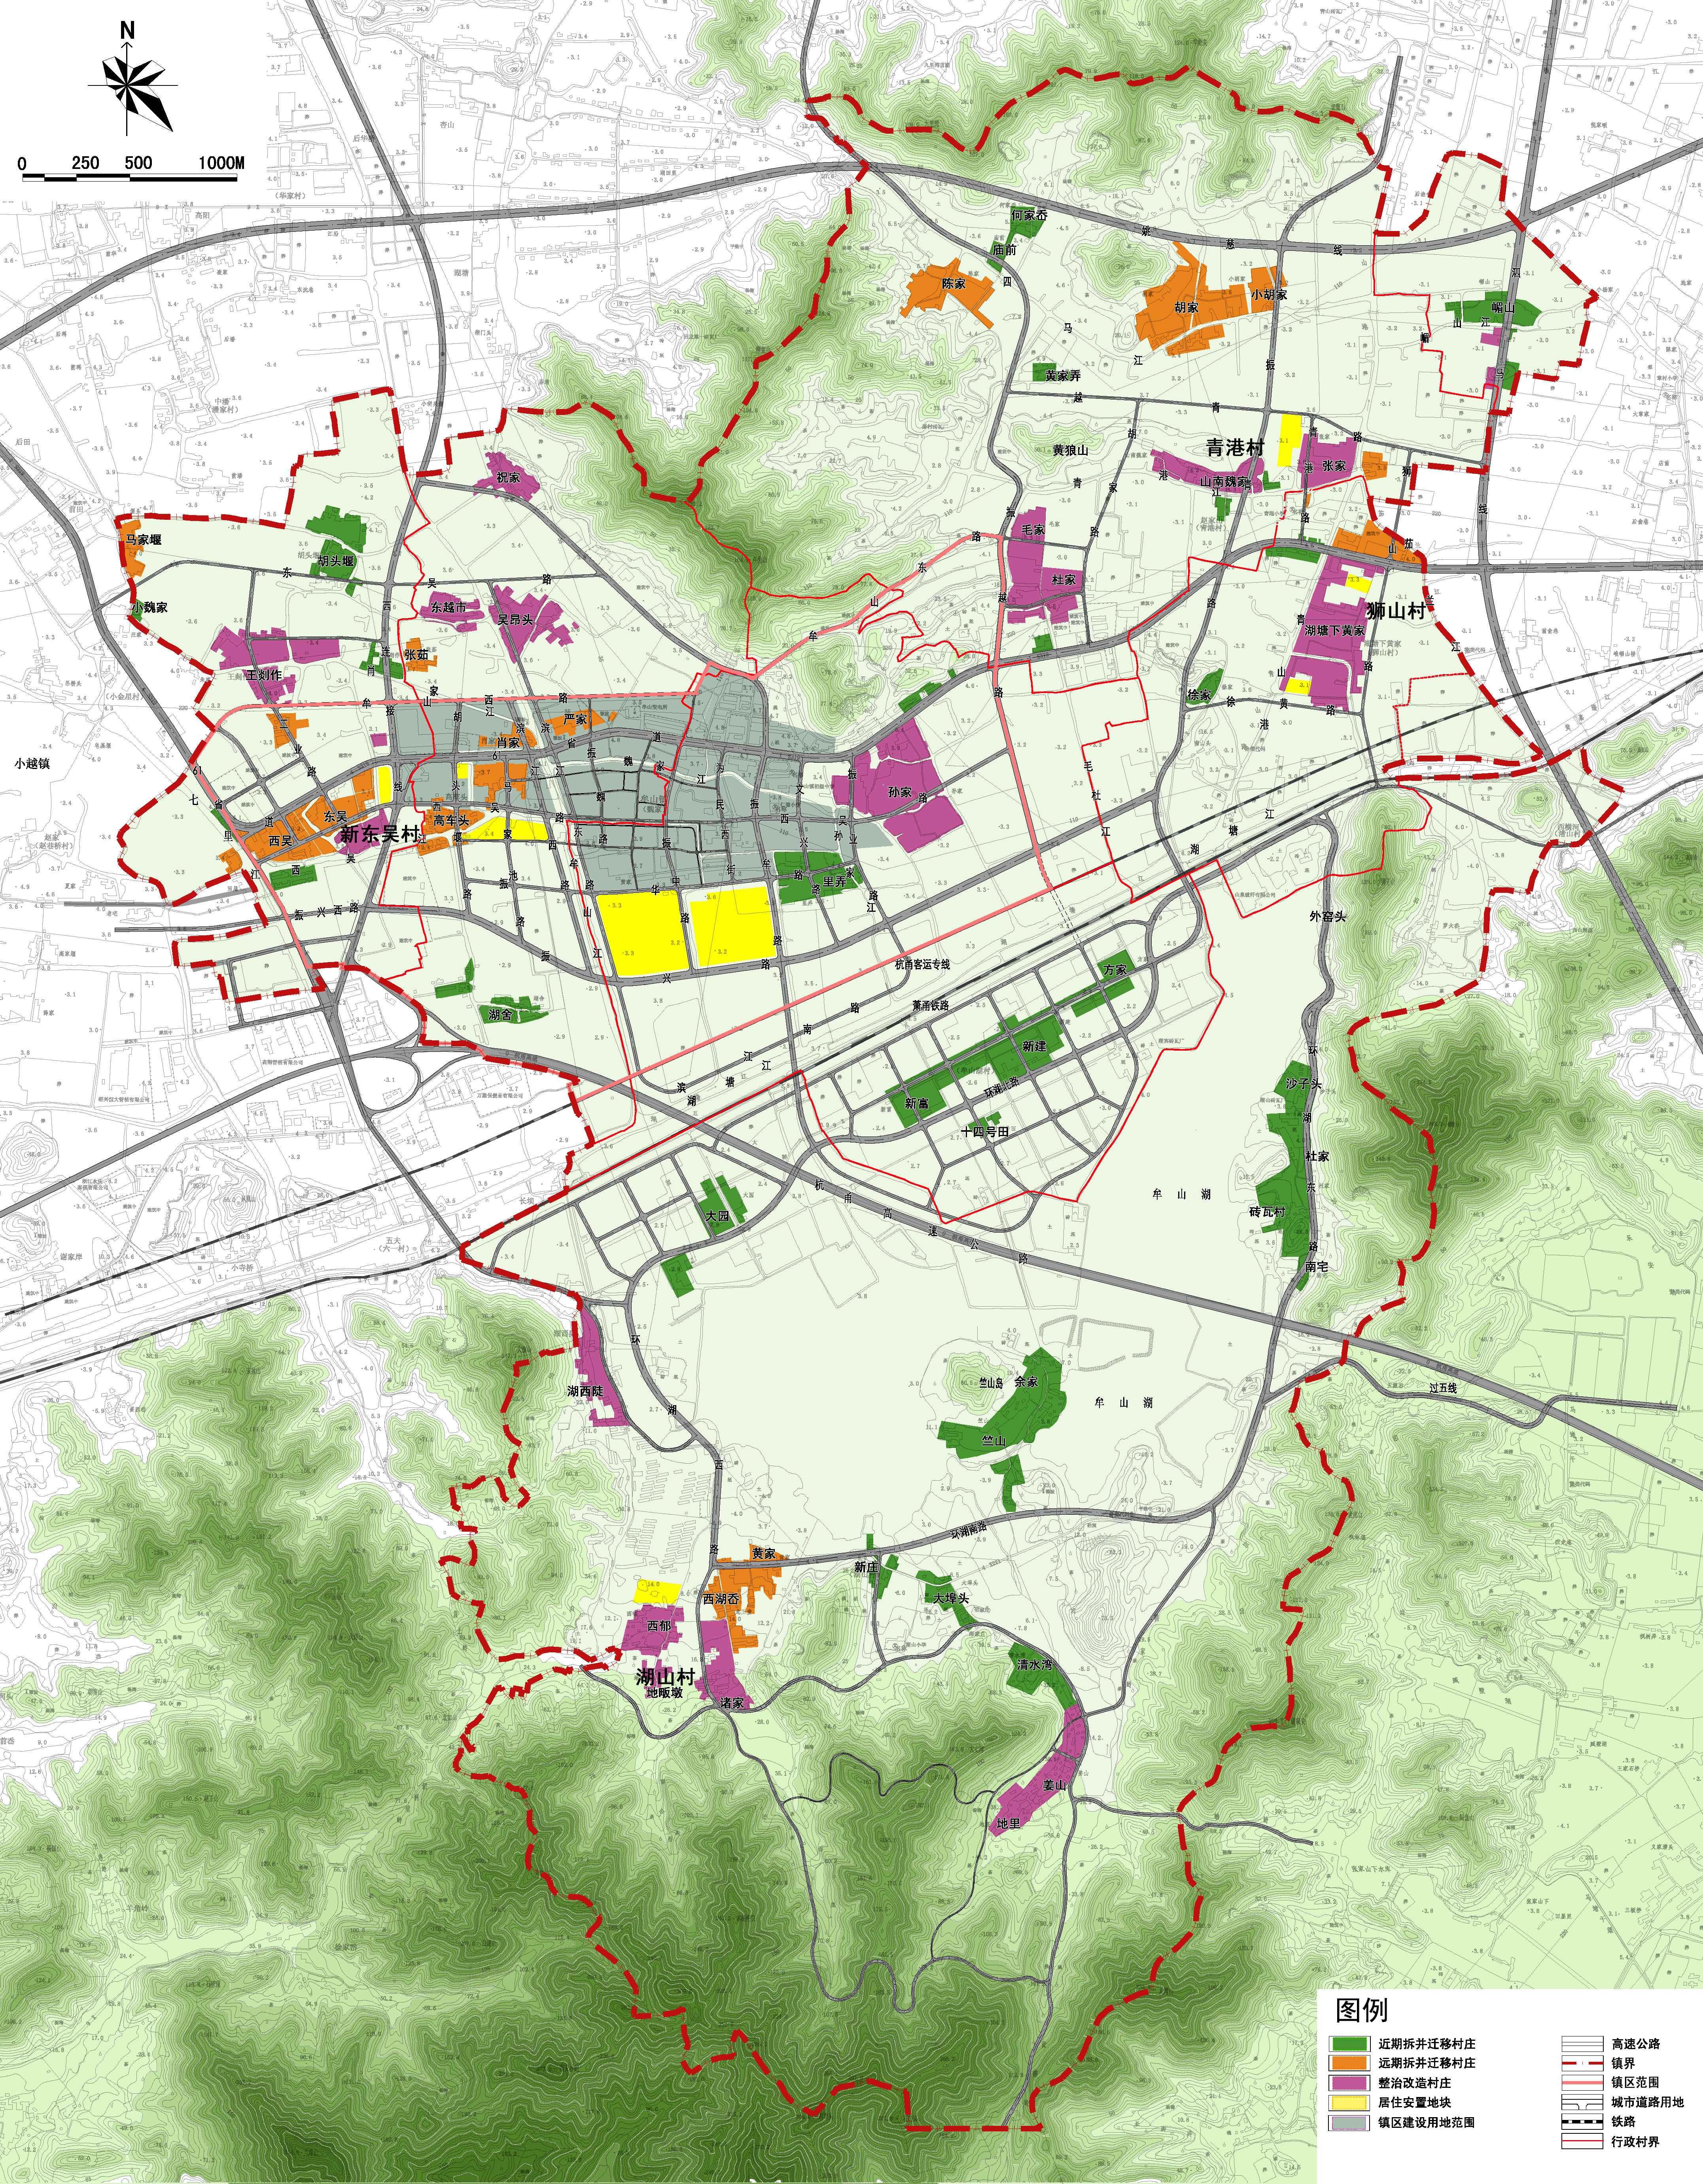 村镇布局规划图